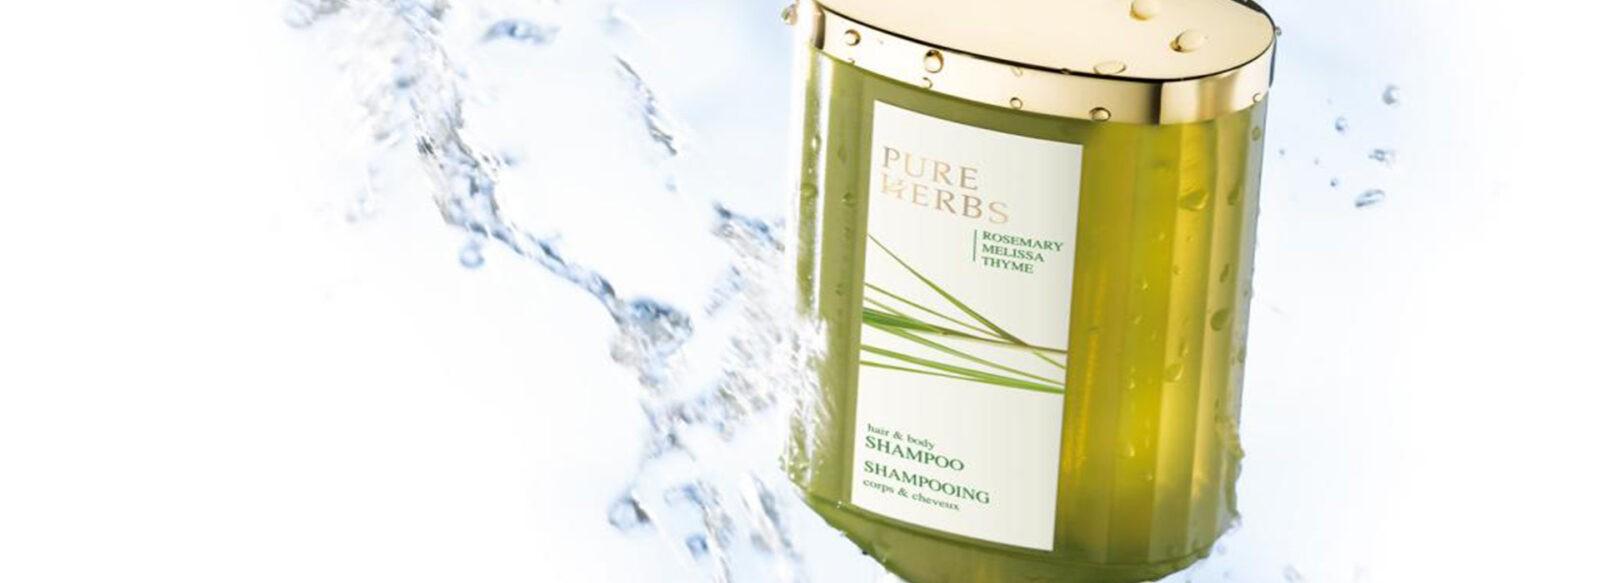 Диспенсеры (дозаторы) для гостиниц и отелей Pure Herbs